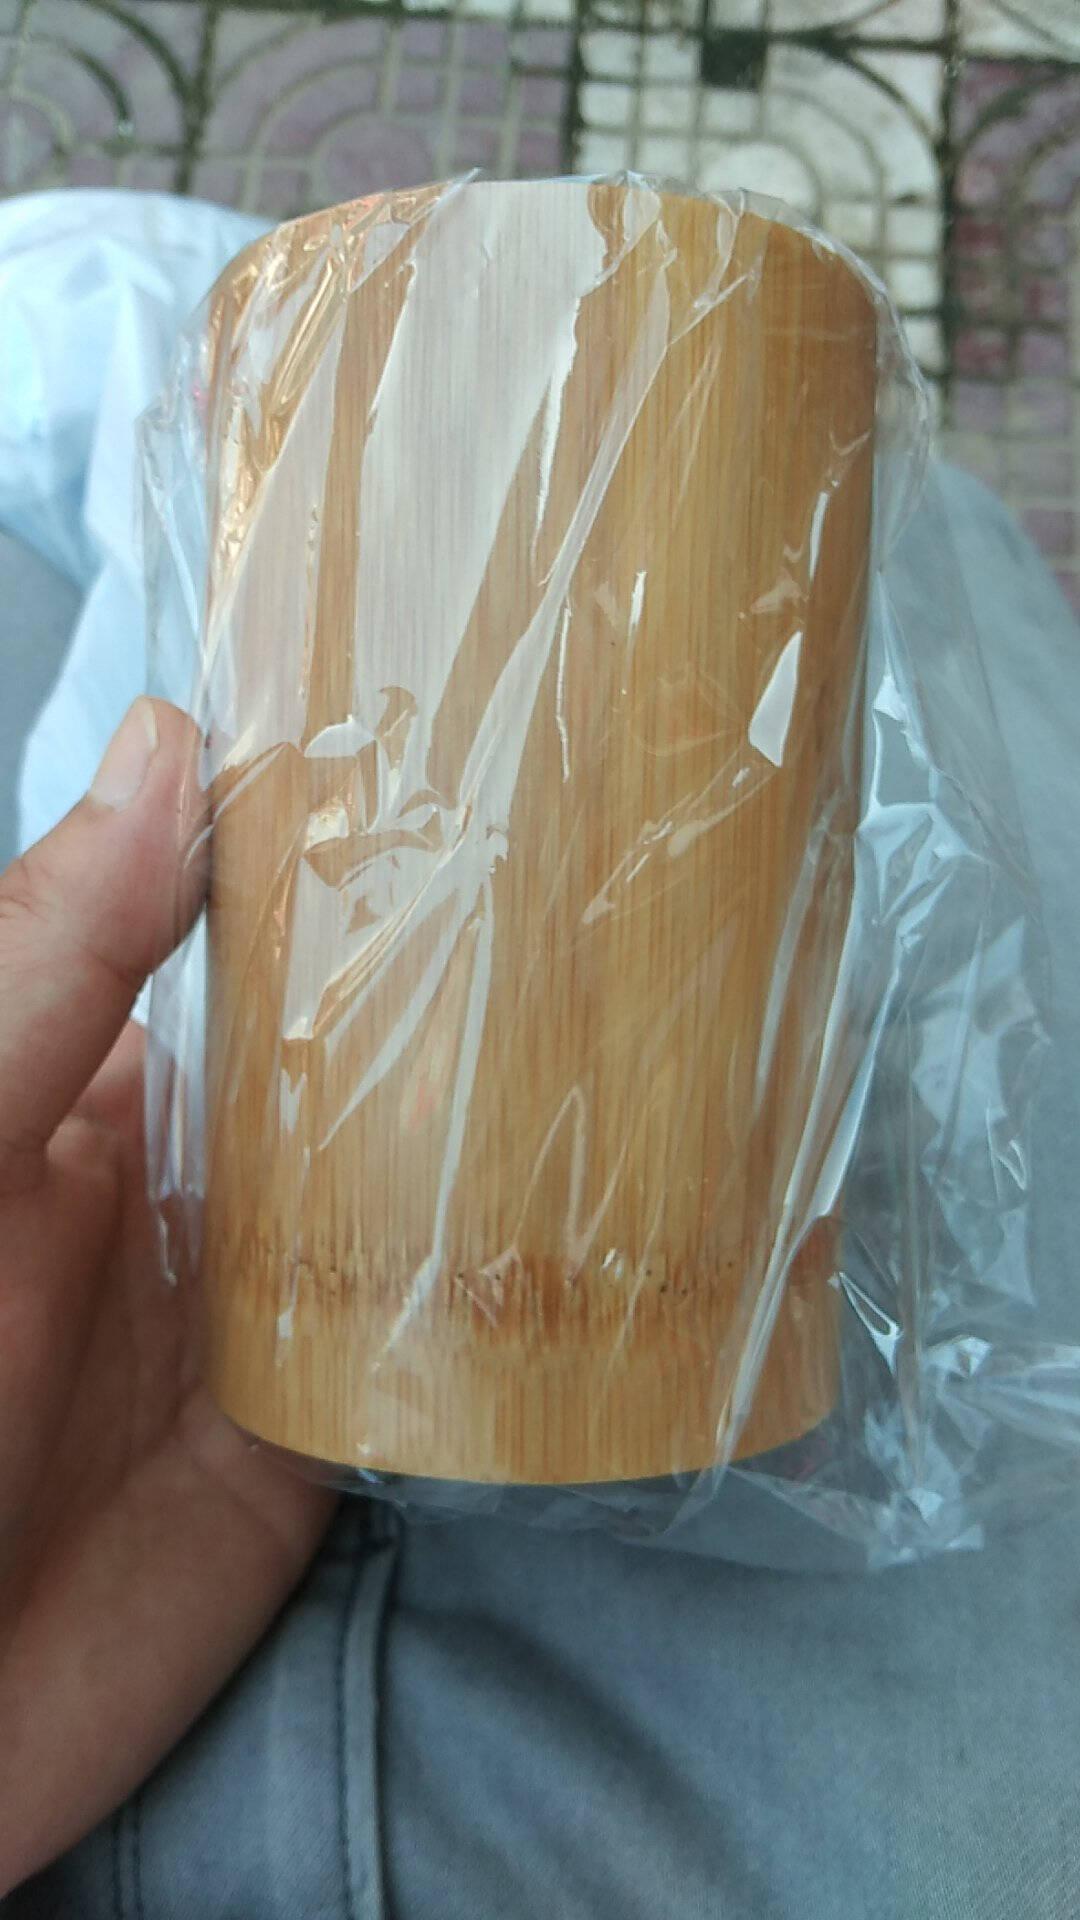 竹筷子筒定做LOGO筷篓筷笼商用串串香竹签筒定制复古餐厅饭店筷桶本色常规2号-高16cm